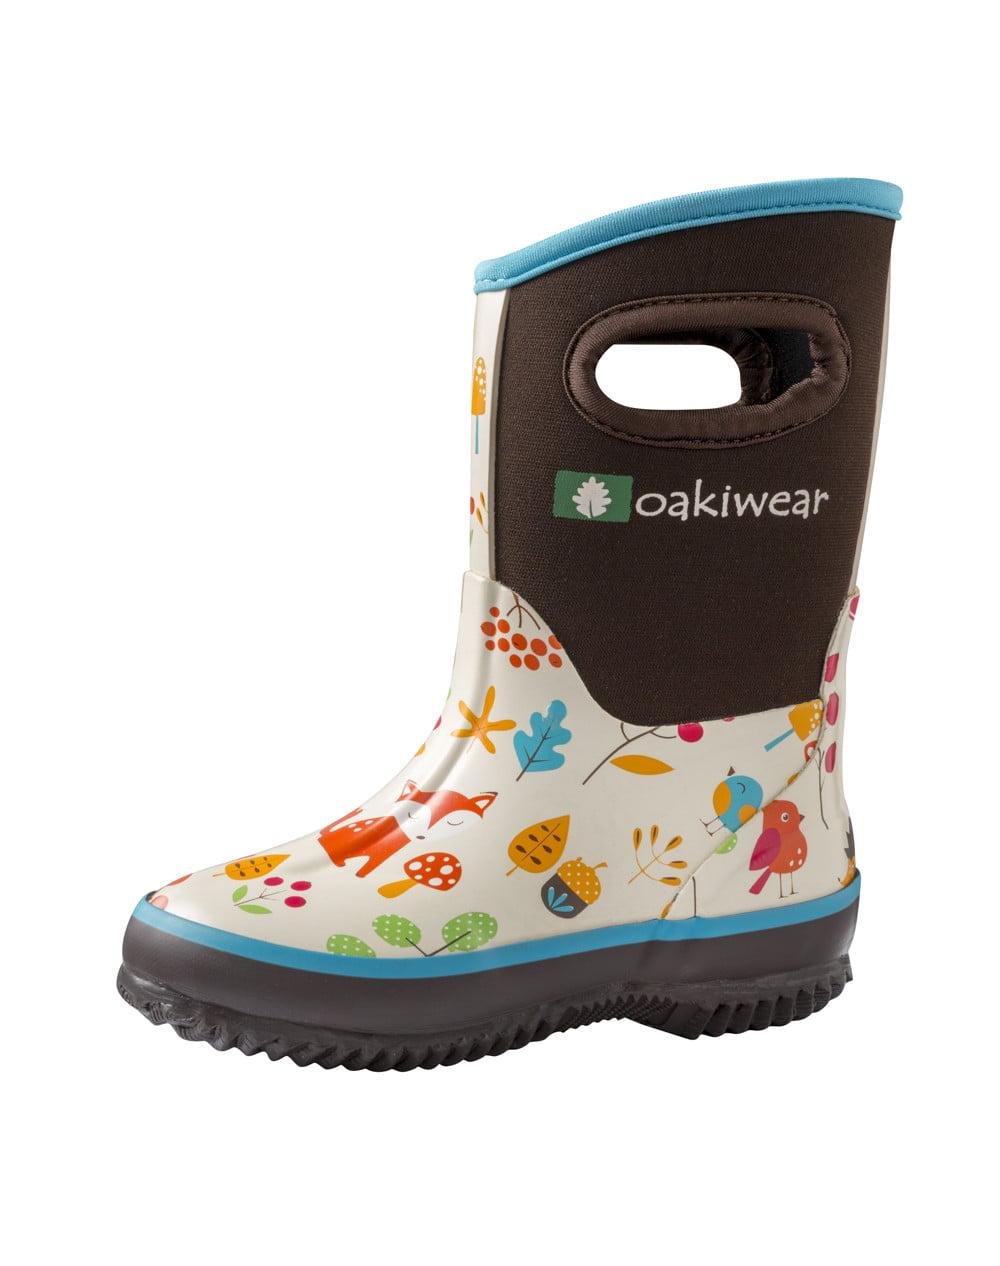 Children's Neoprene Rain/Snow Boots, Forest Animals